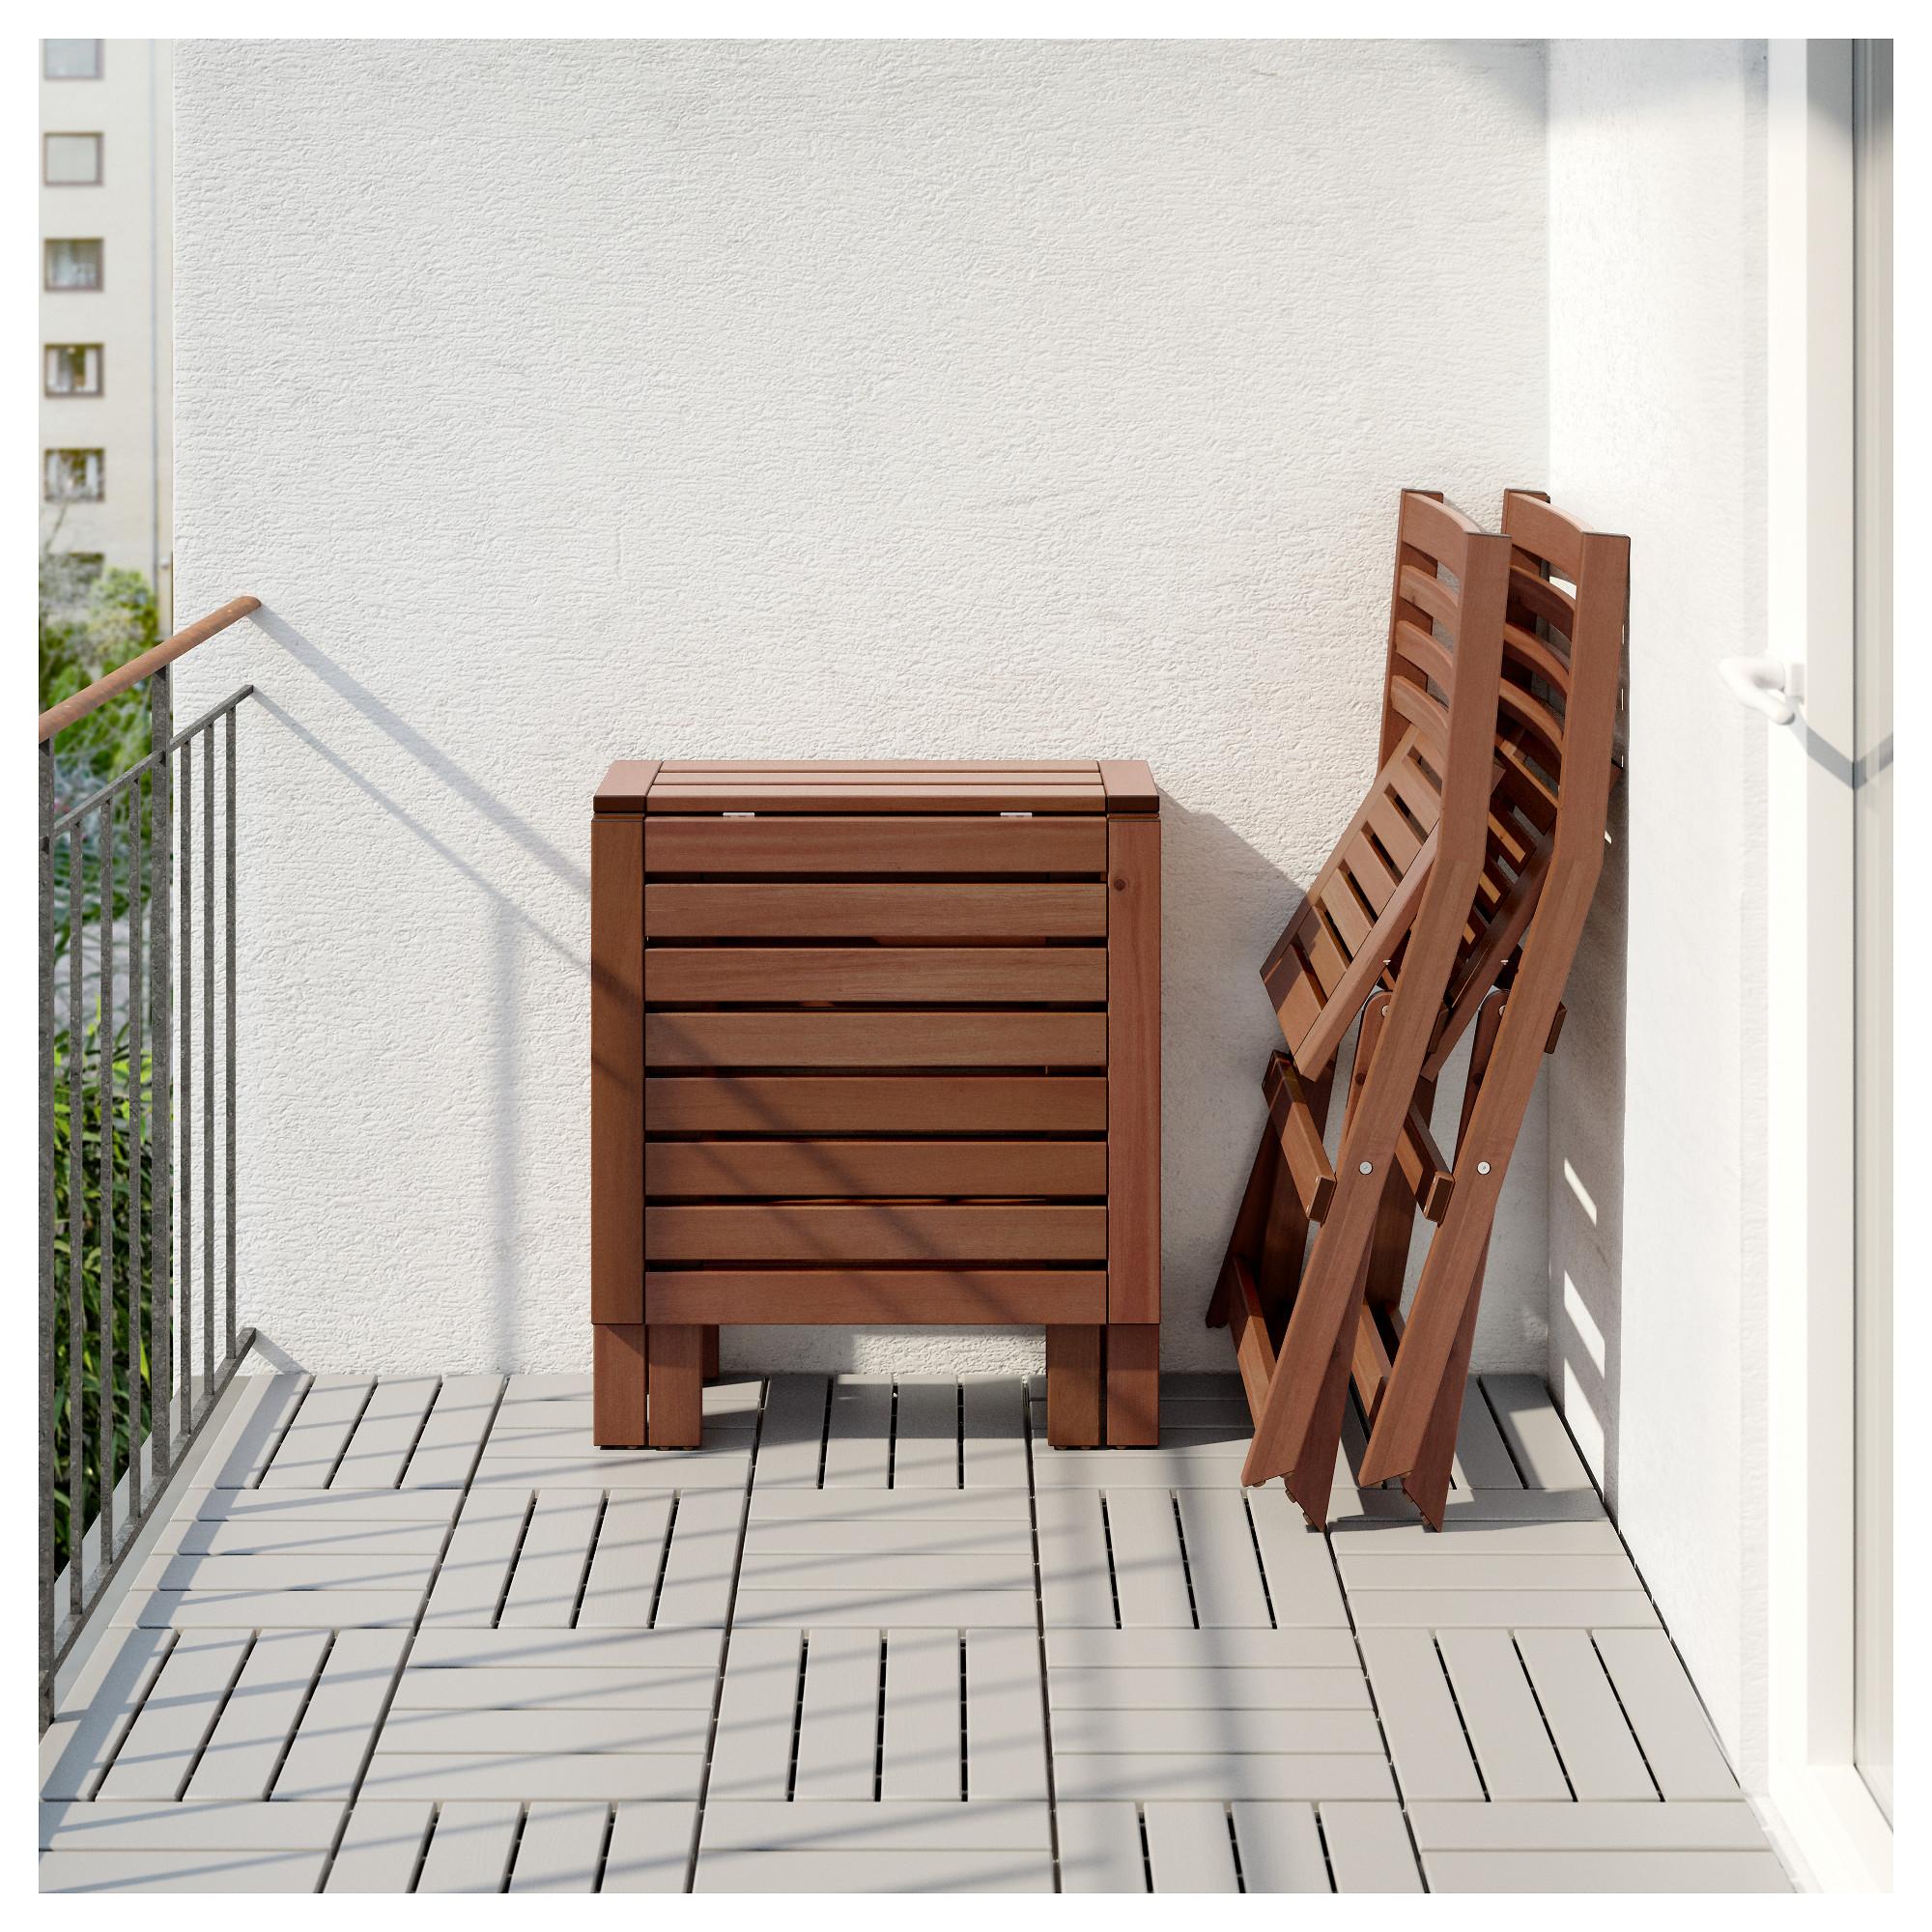 Стол + 2 складных стула для сада ЭПЛАРО черный артикуль № 892.289.24 в наличии. Онлайн каталог ИКЕА Минск. Недорогая доставка и установка.